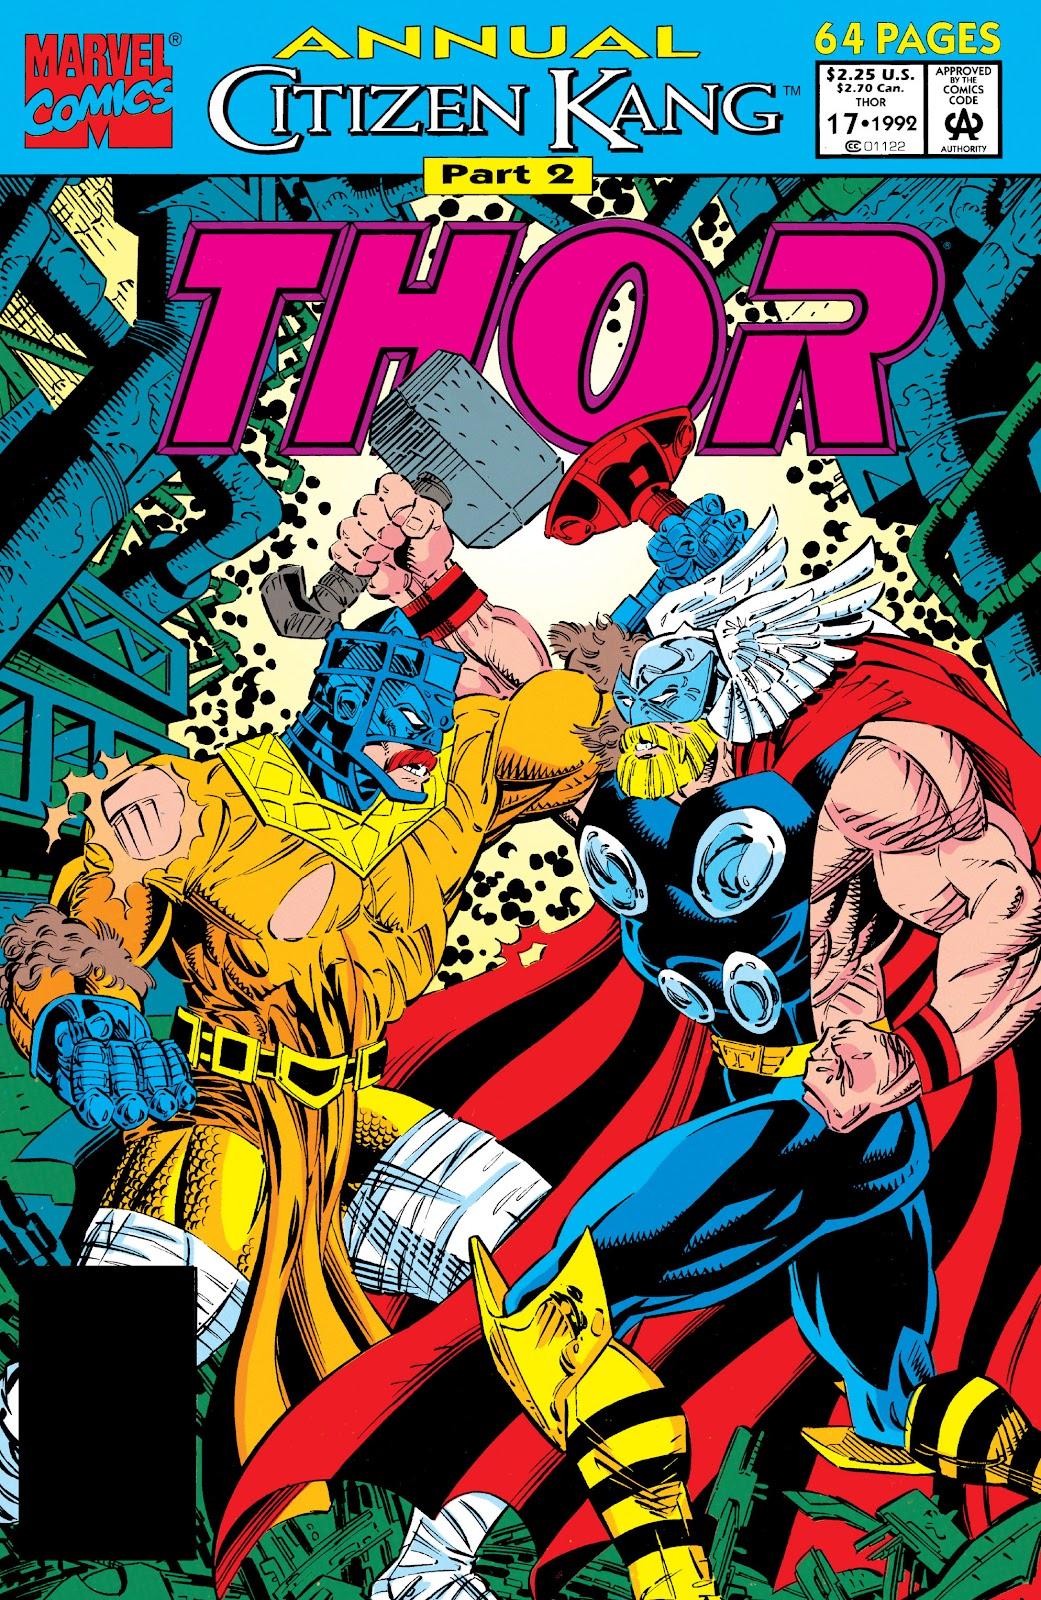 Read online Avengers: Citizen Kang comic -  Issue # TPB (Part 1) - 58